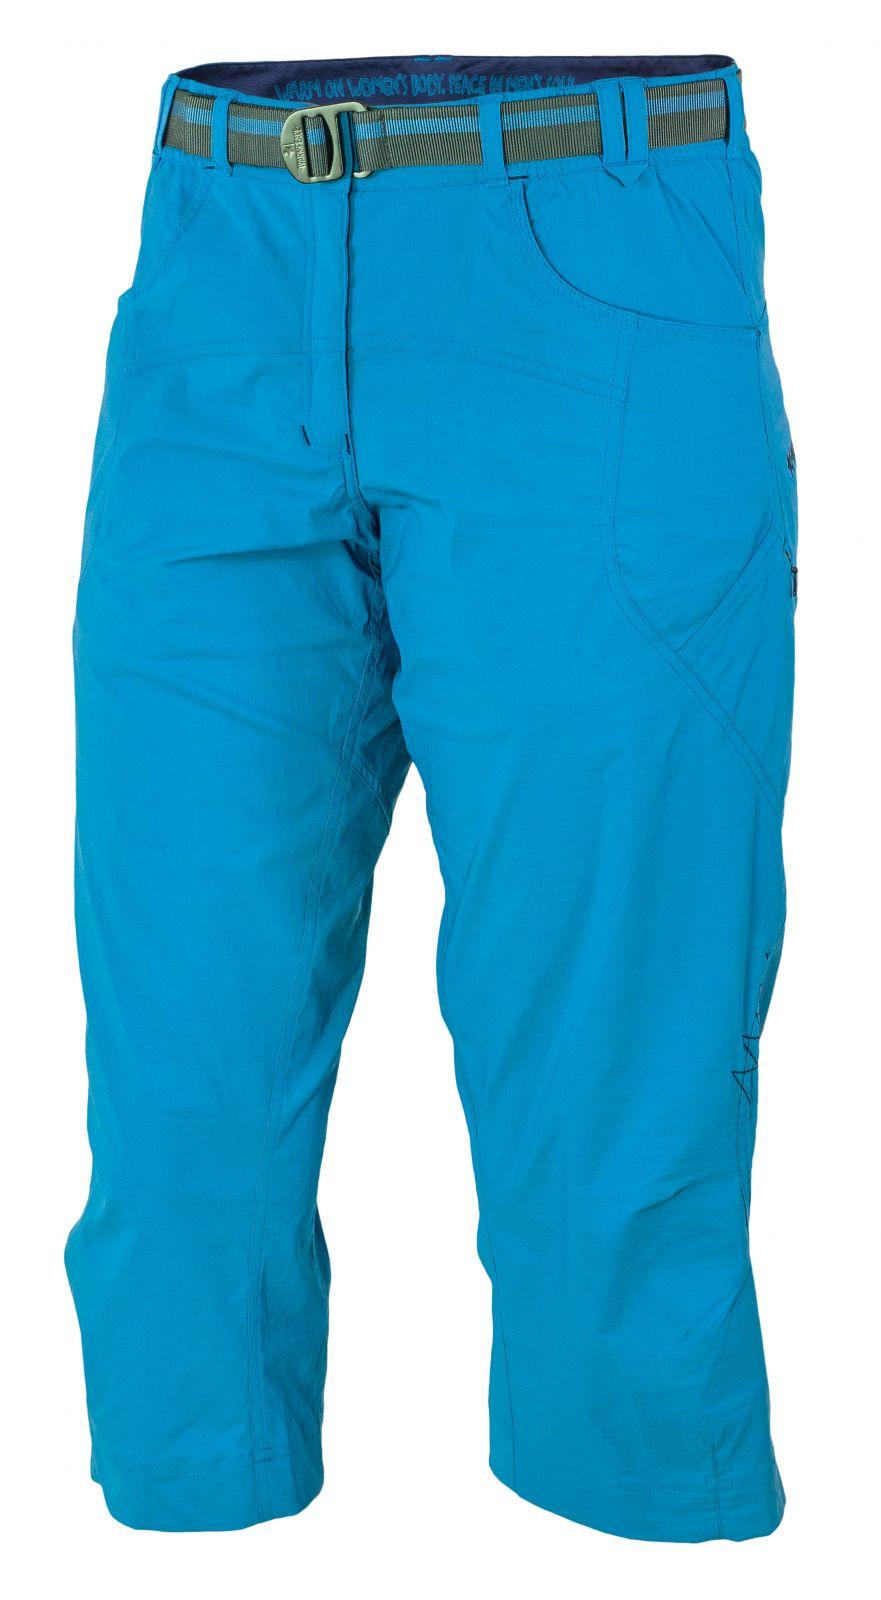 Warmpeace Flex 3/4 kalhoty smoke blue